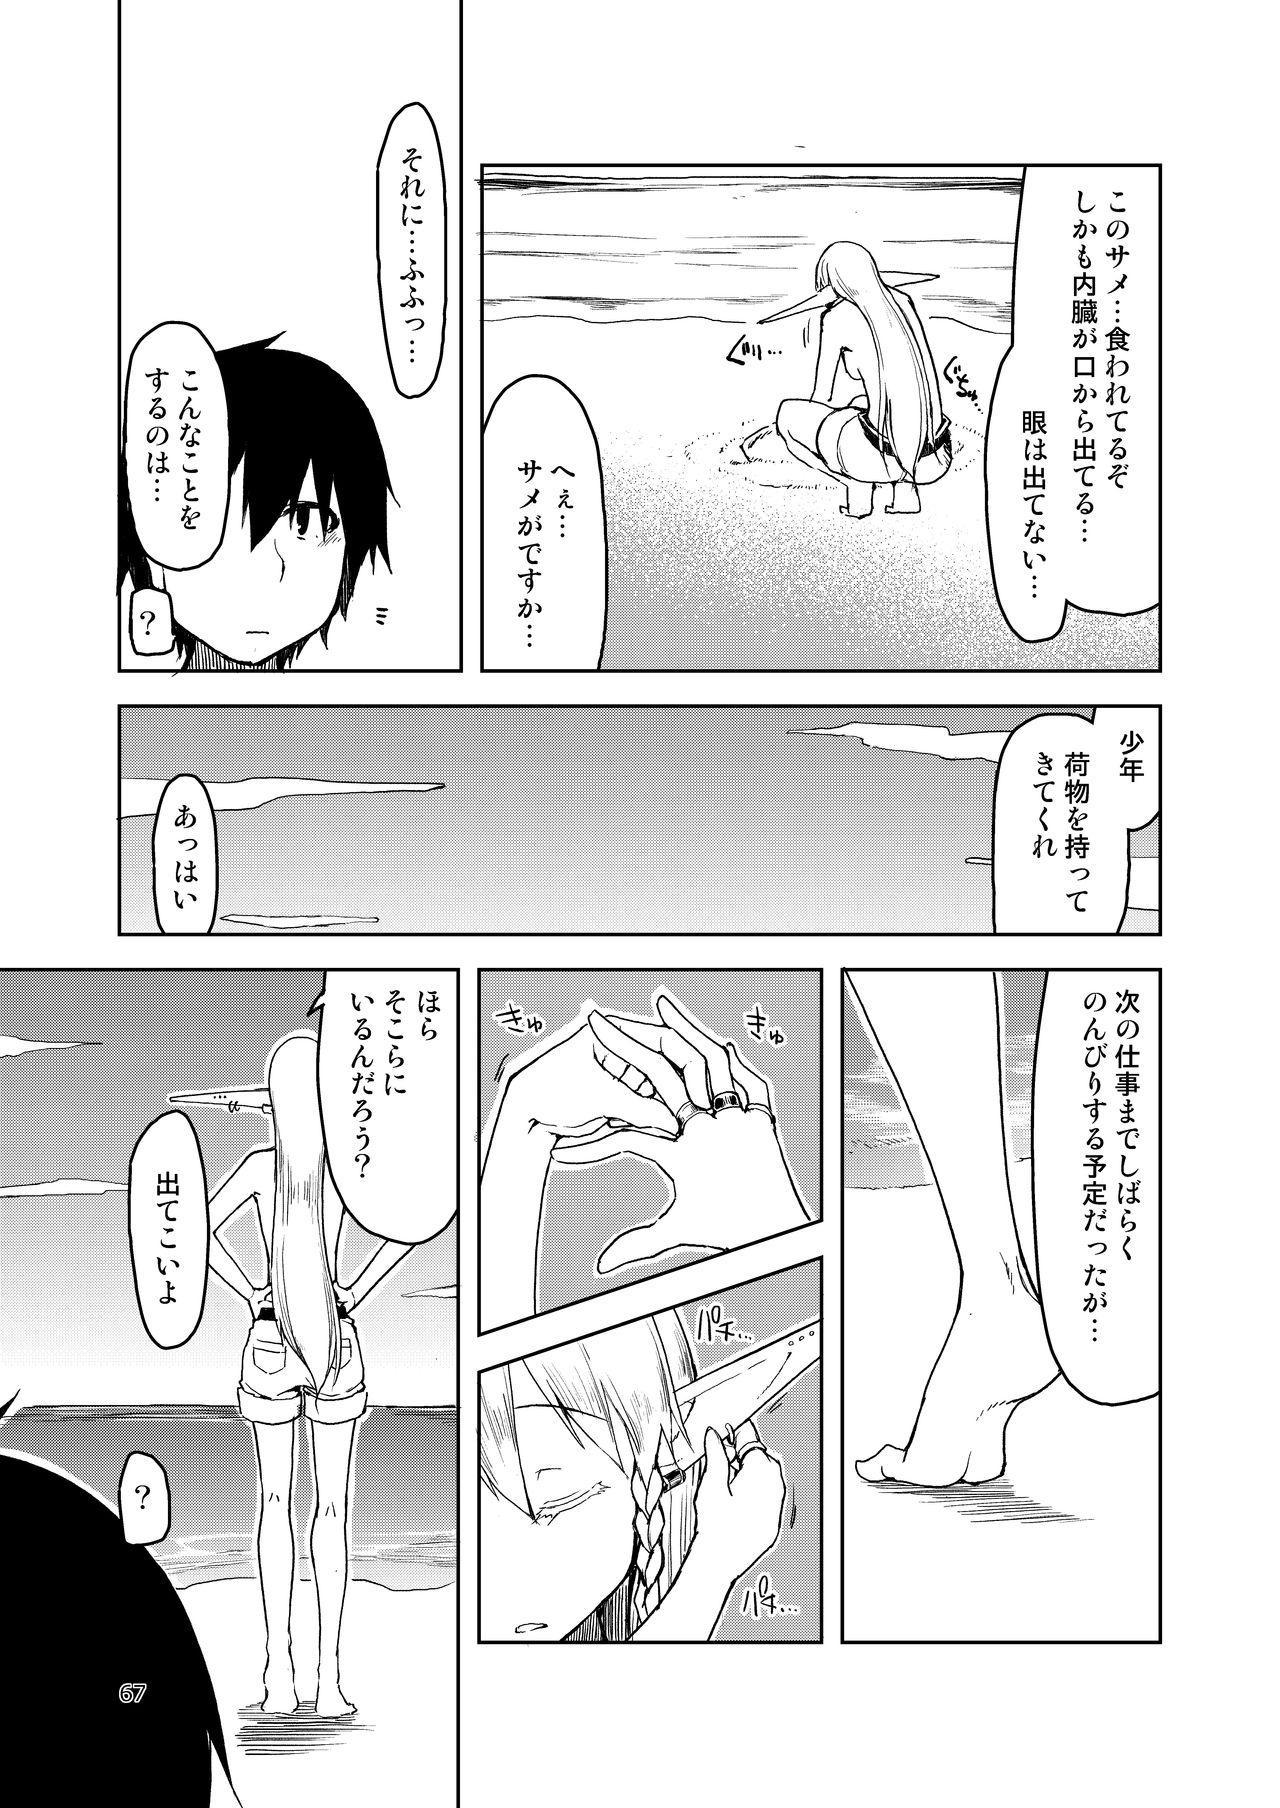 Dosukebe Elf no Ishukan Nikki Matome 2 67